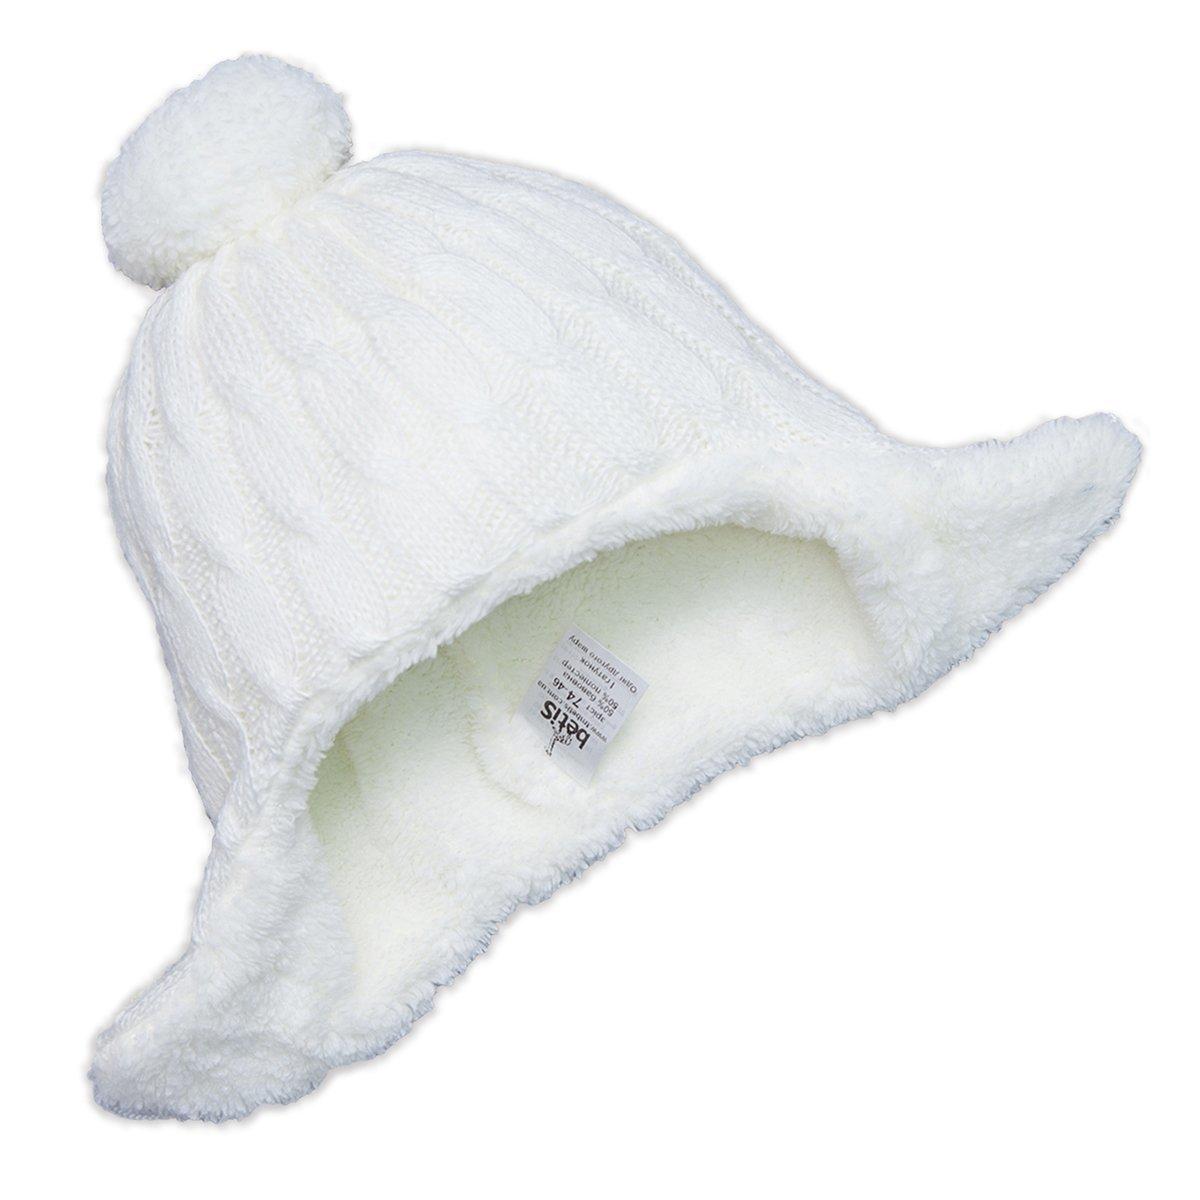 Купить Головные уборы, шарфы, варежки, перчатки, Шапка на завязках Бетис Снежок-2 молочного цвета, р. 68 27074400 ТМ: Бетис, молочный